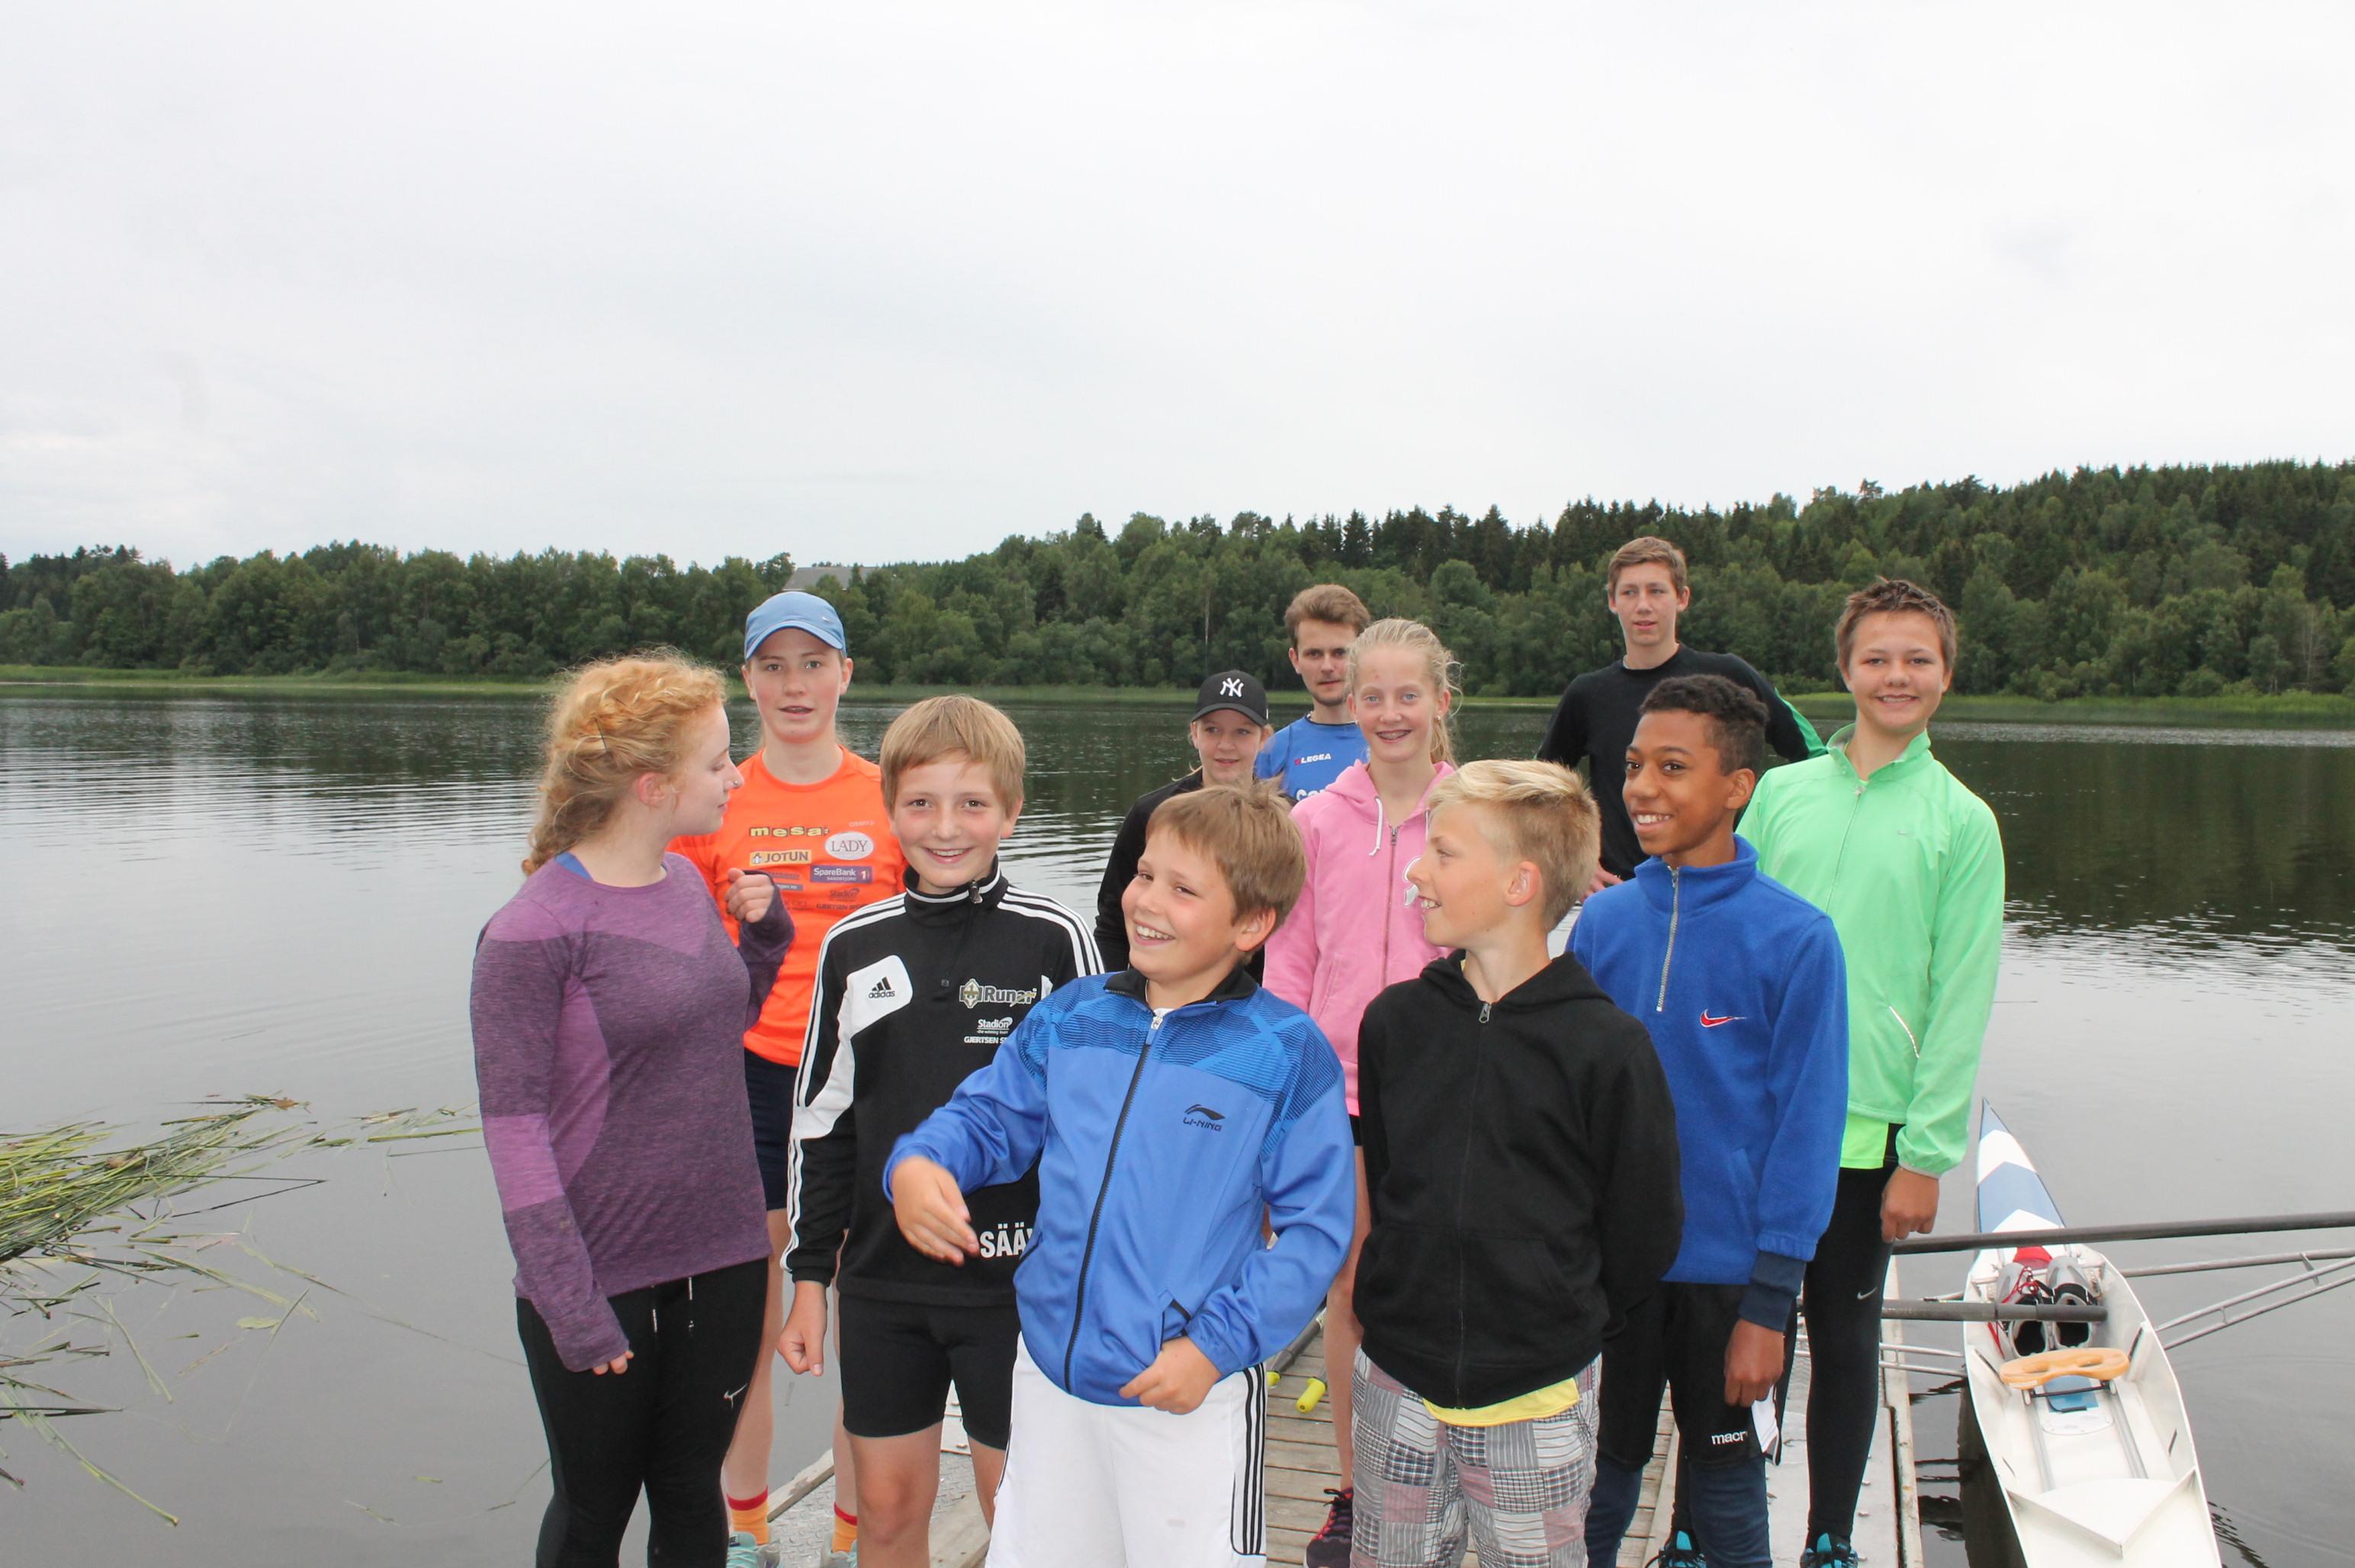 Mange nye fjes på trening på Goksjø, Ingunn, Hanna, Emil, Siri, Noa, NN, Sofie, David ,Nicolay, Leon og Elling.